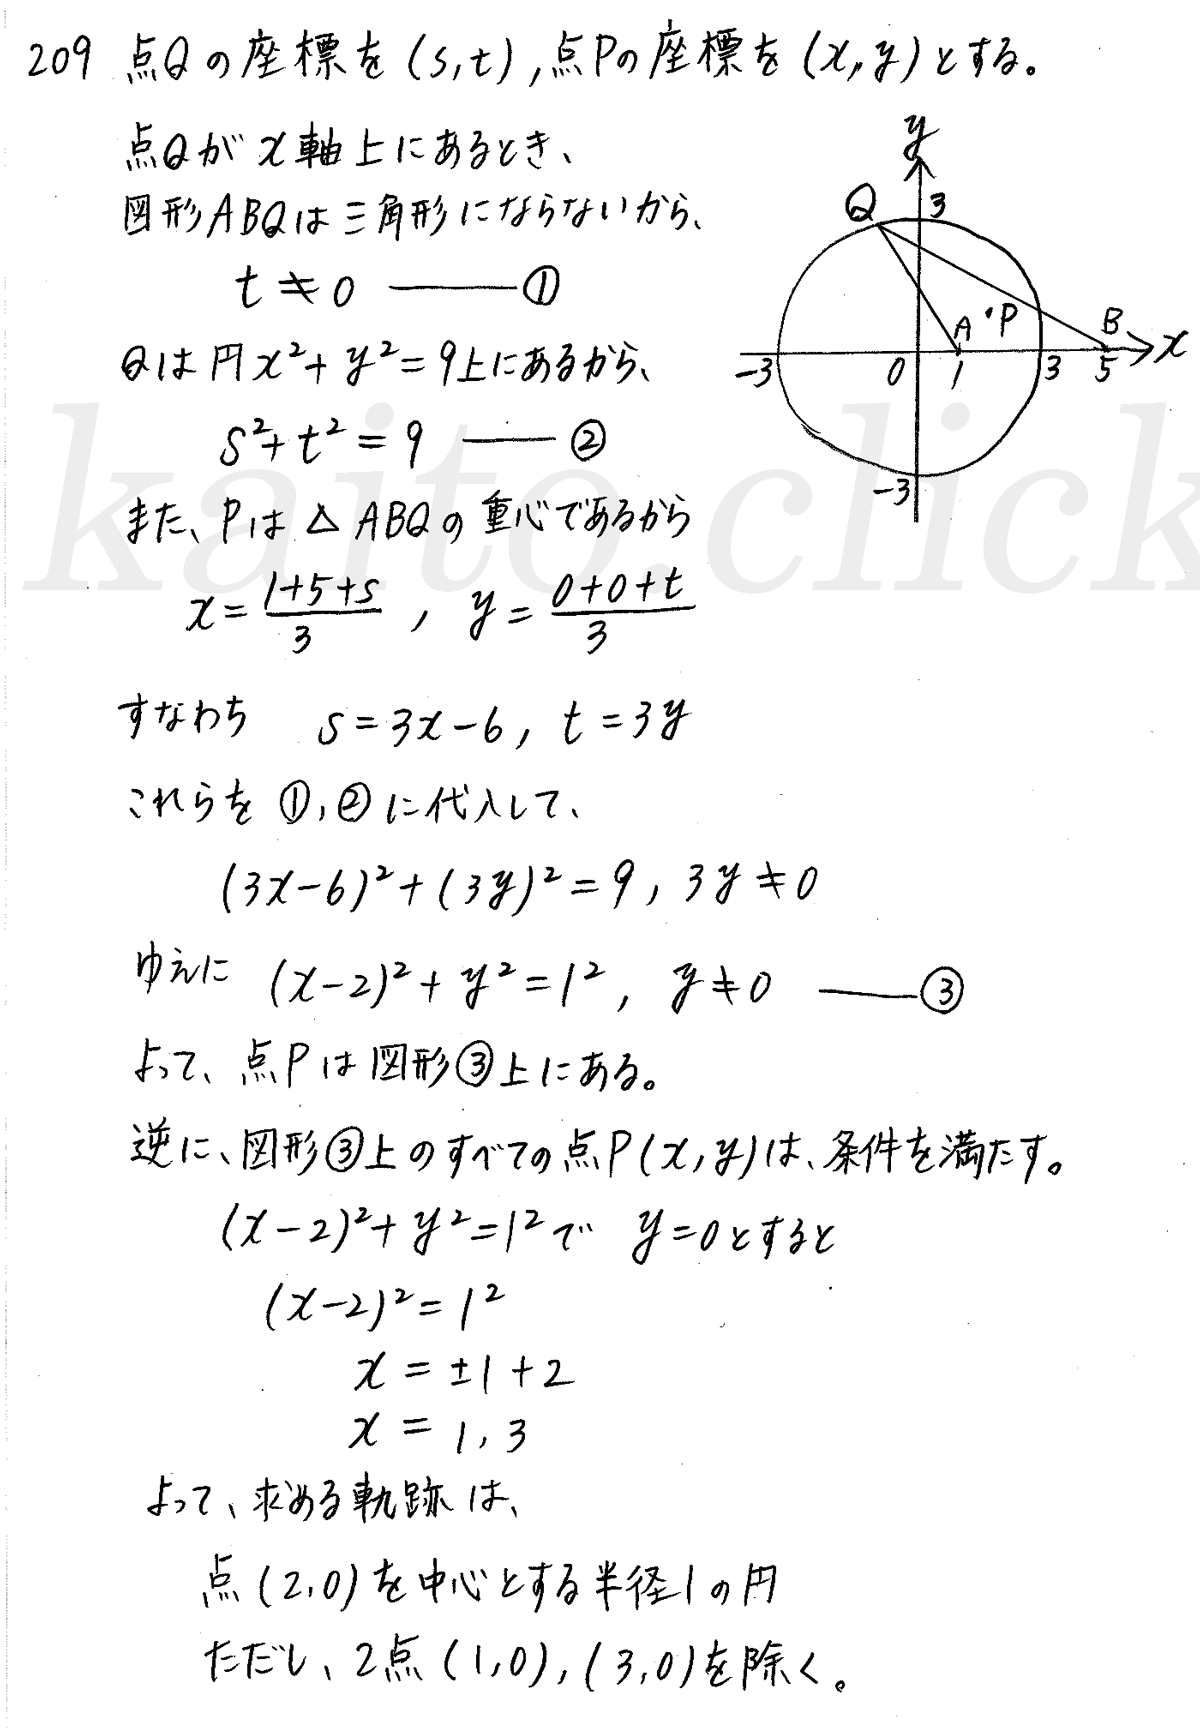 クリアー数学2-209解答